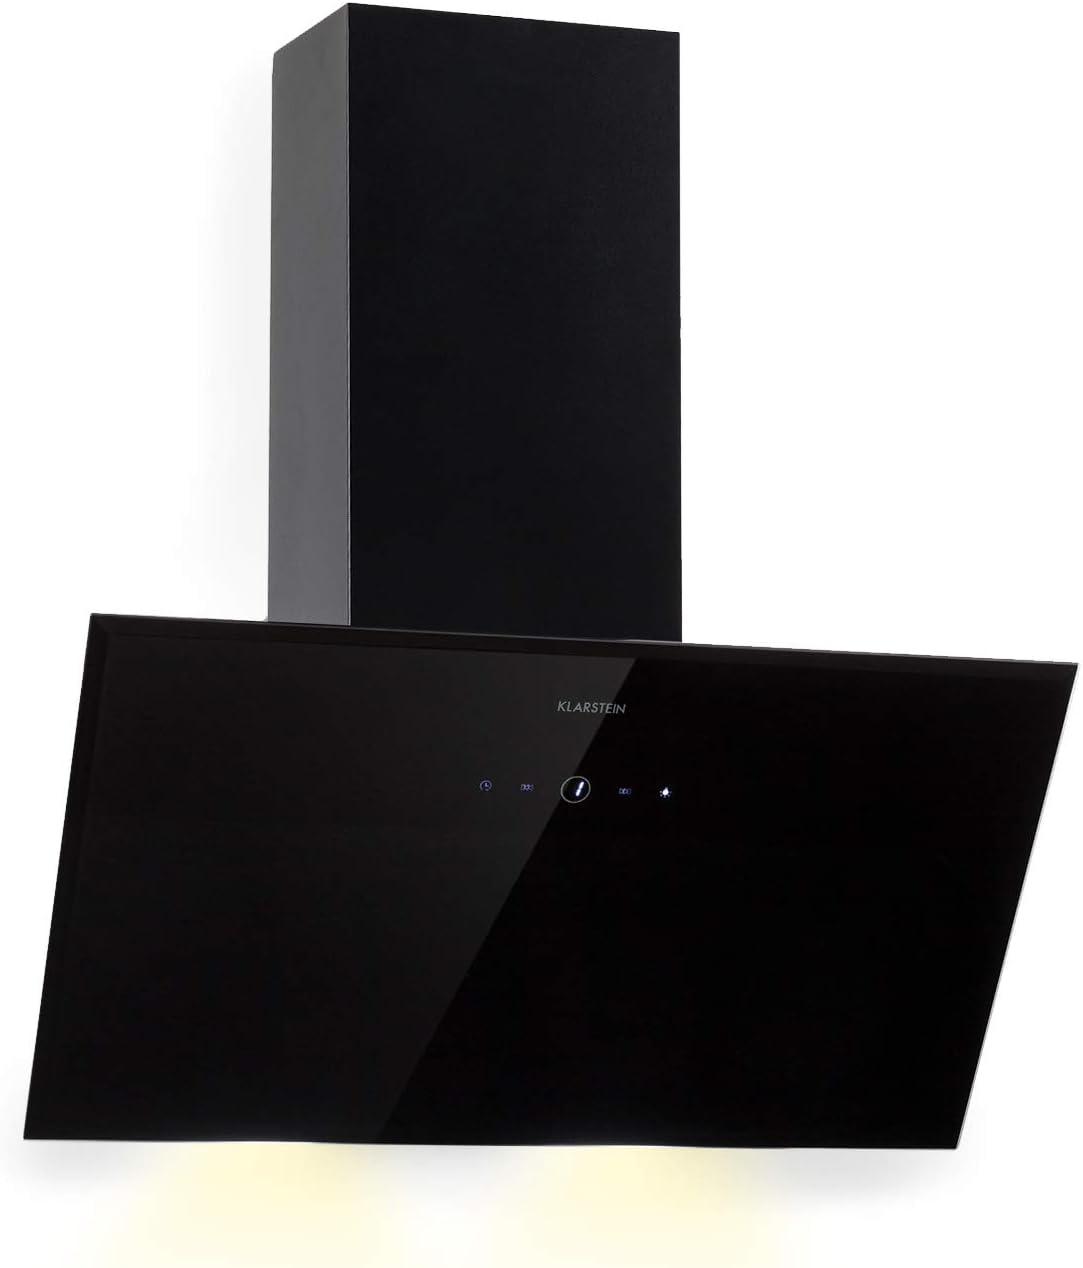 Klarstein Laurel 60 Black Edition - Extractor de humos, Campana extractora de pared, 3 niveles de extracción, 350 m³/h, 64 dB, 60 cm, Pantalla táctil LED, Filtro de grasa de aluminio, Negro